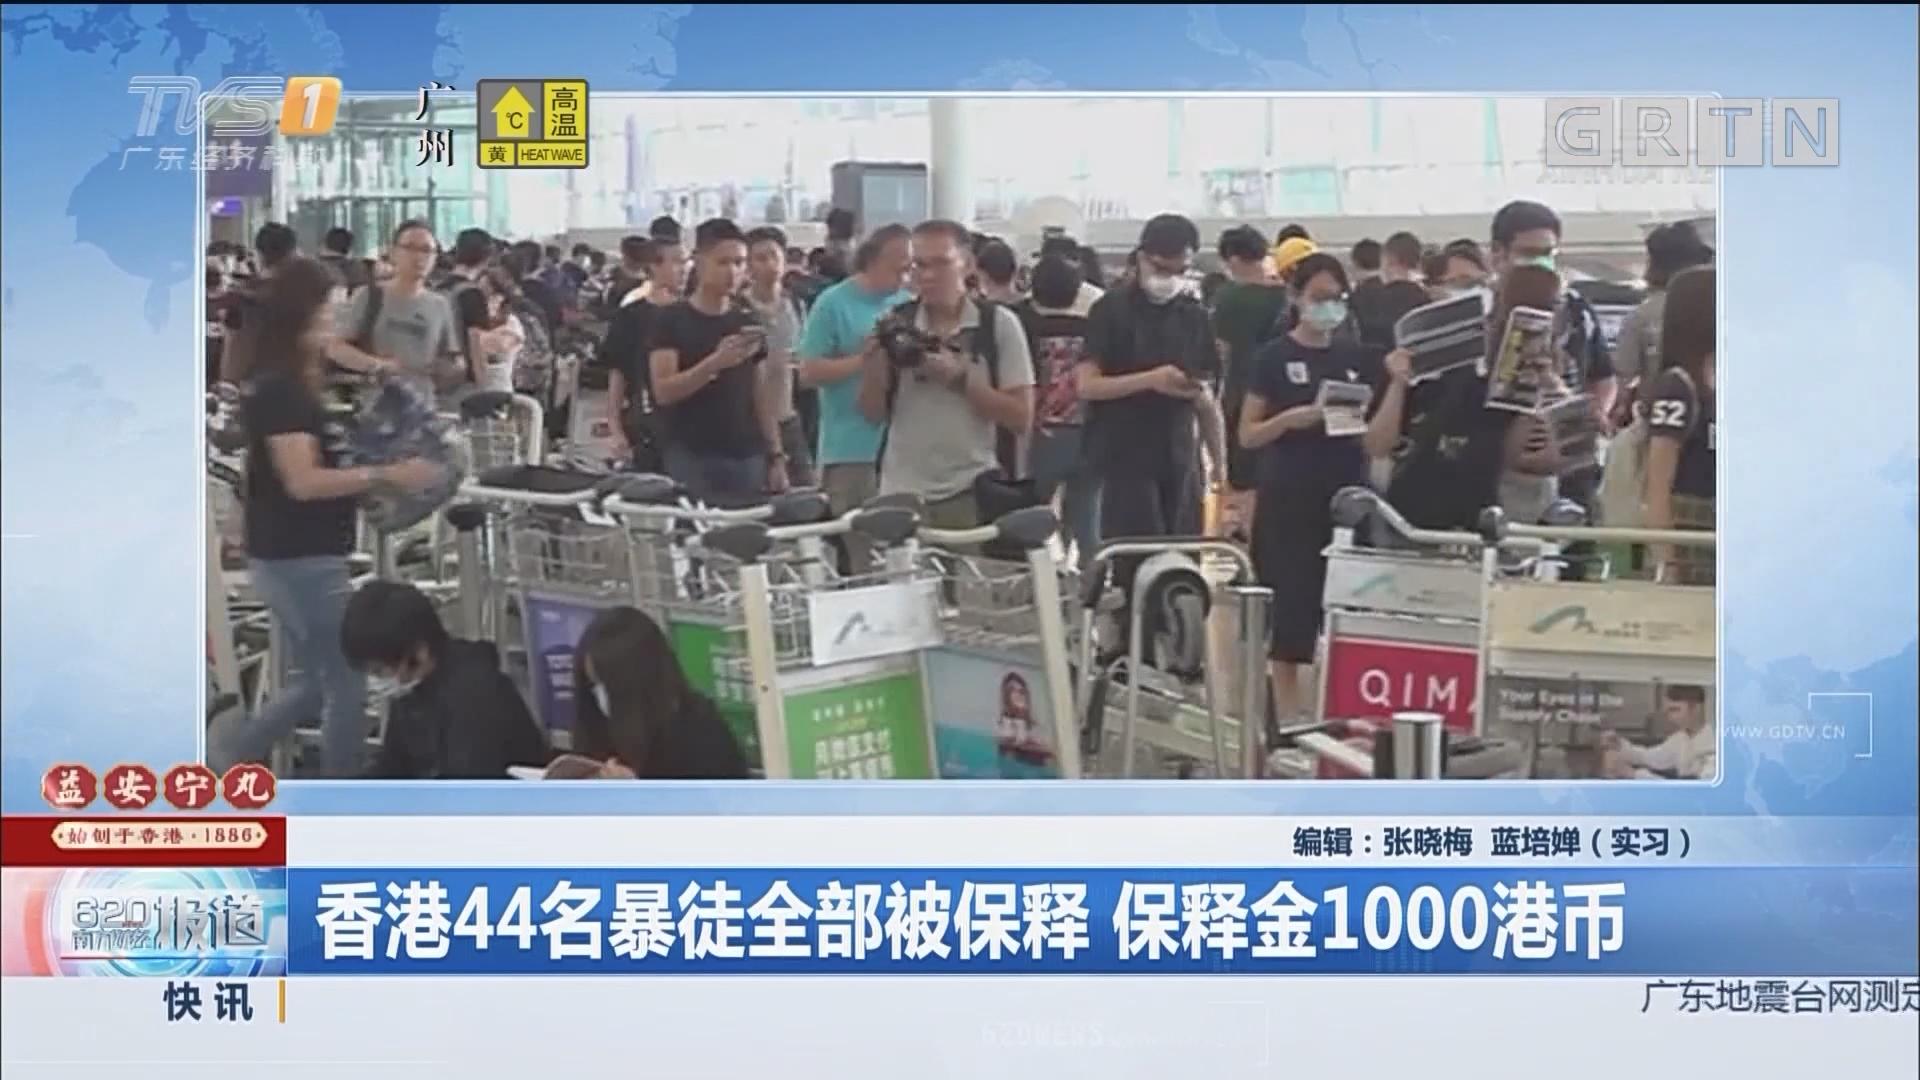 香港44名暴徒全部被保释 保释金1000港币